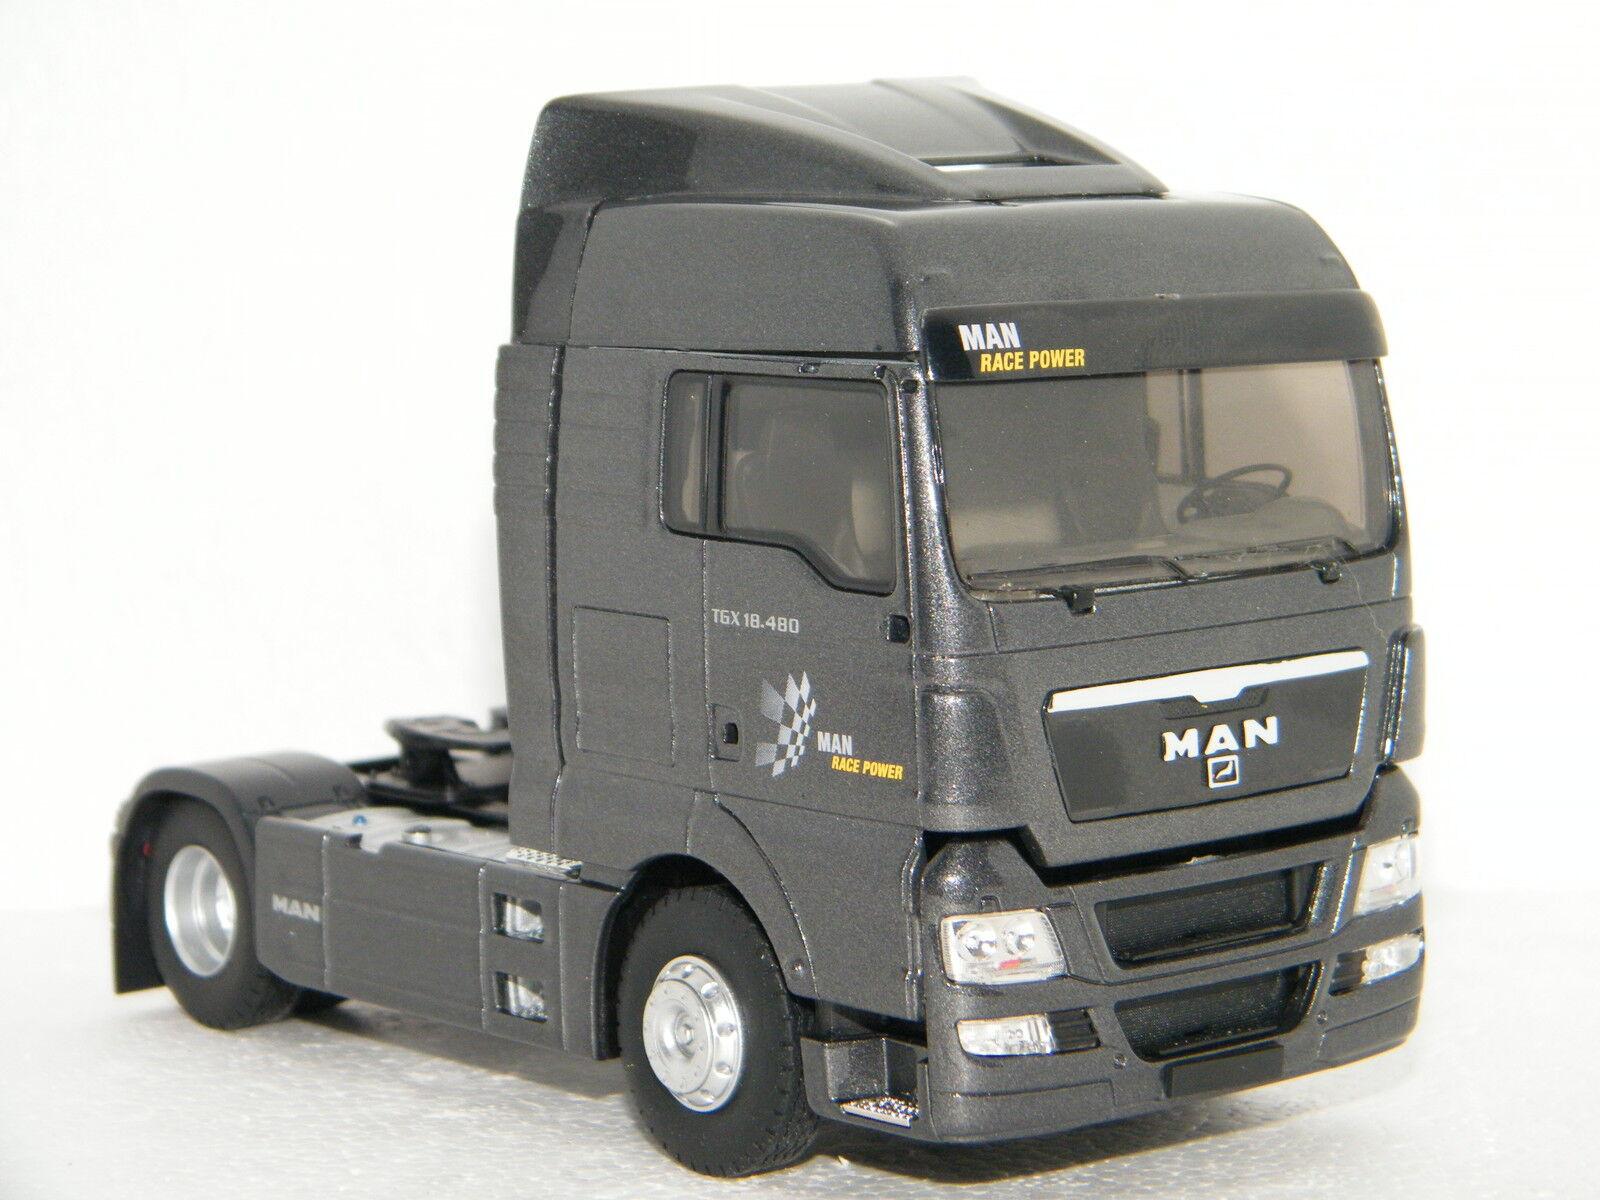 Man Tgx Dach Mittel Race Power Traktor nur Eligor 1 43 Ref. 115230